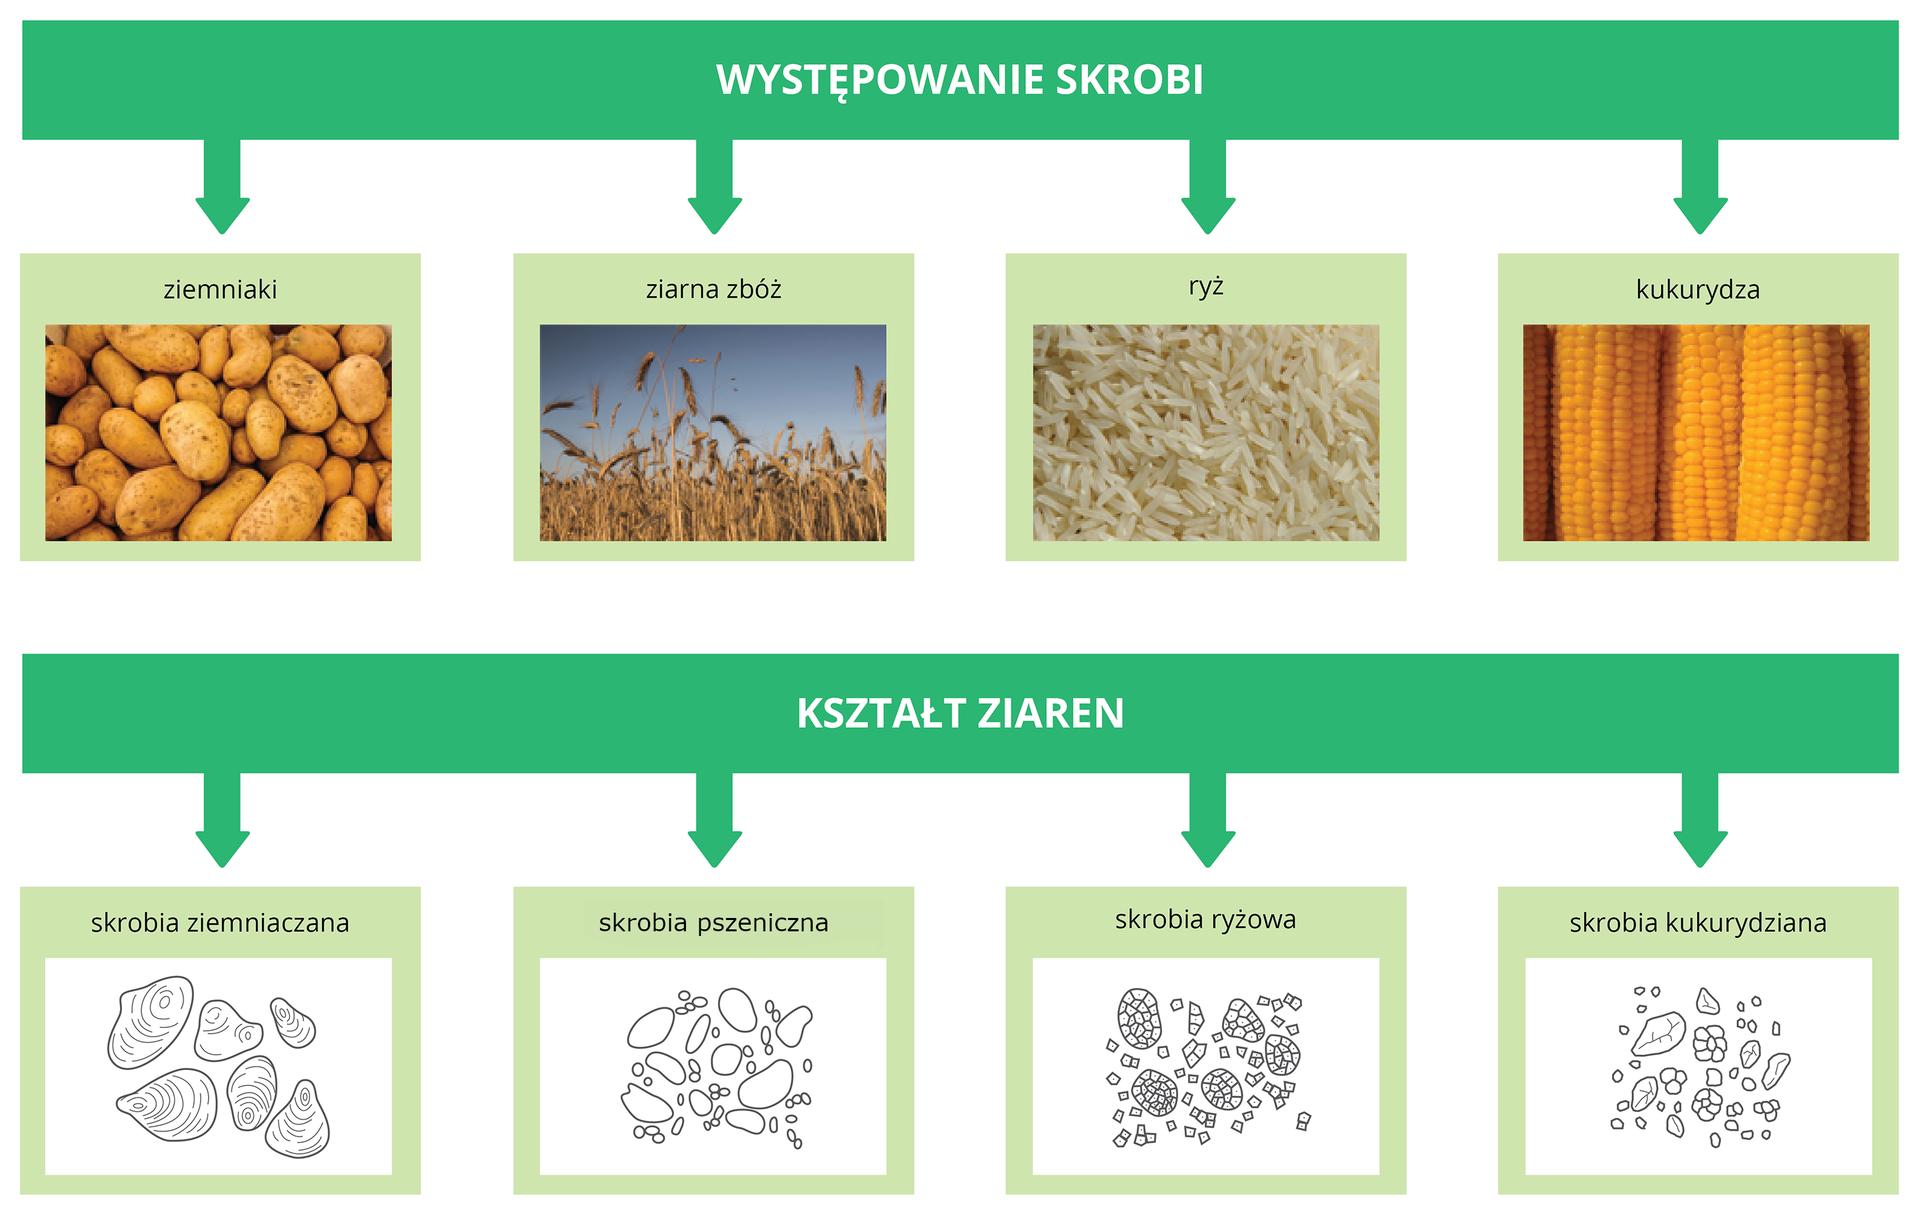 Występowanie skrobi oraz kształt ziaren różnego pochodzenia skrobi